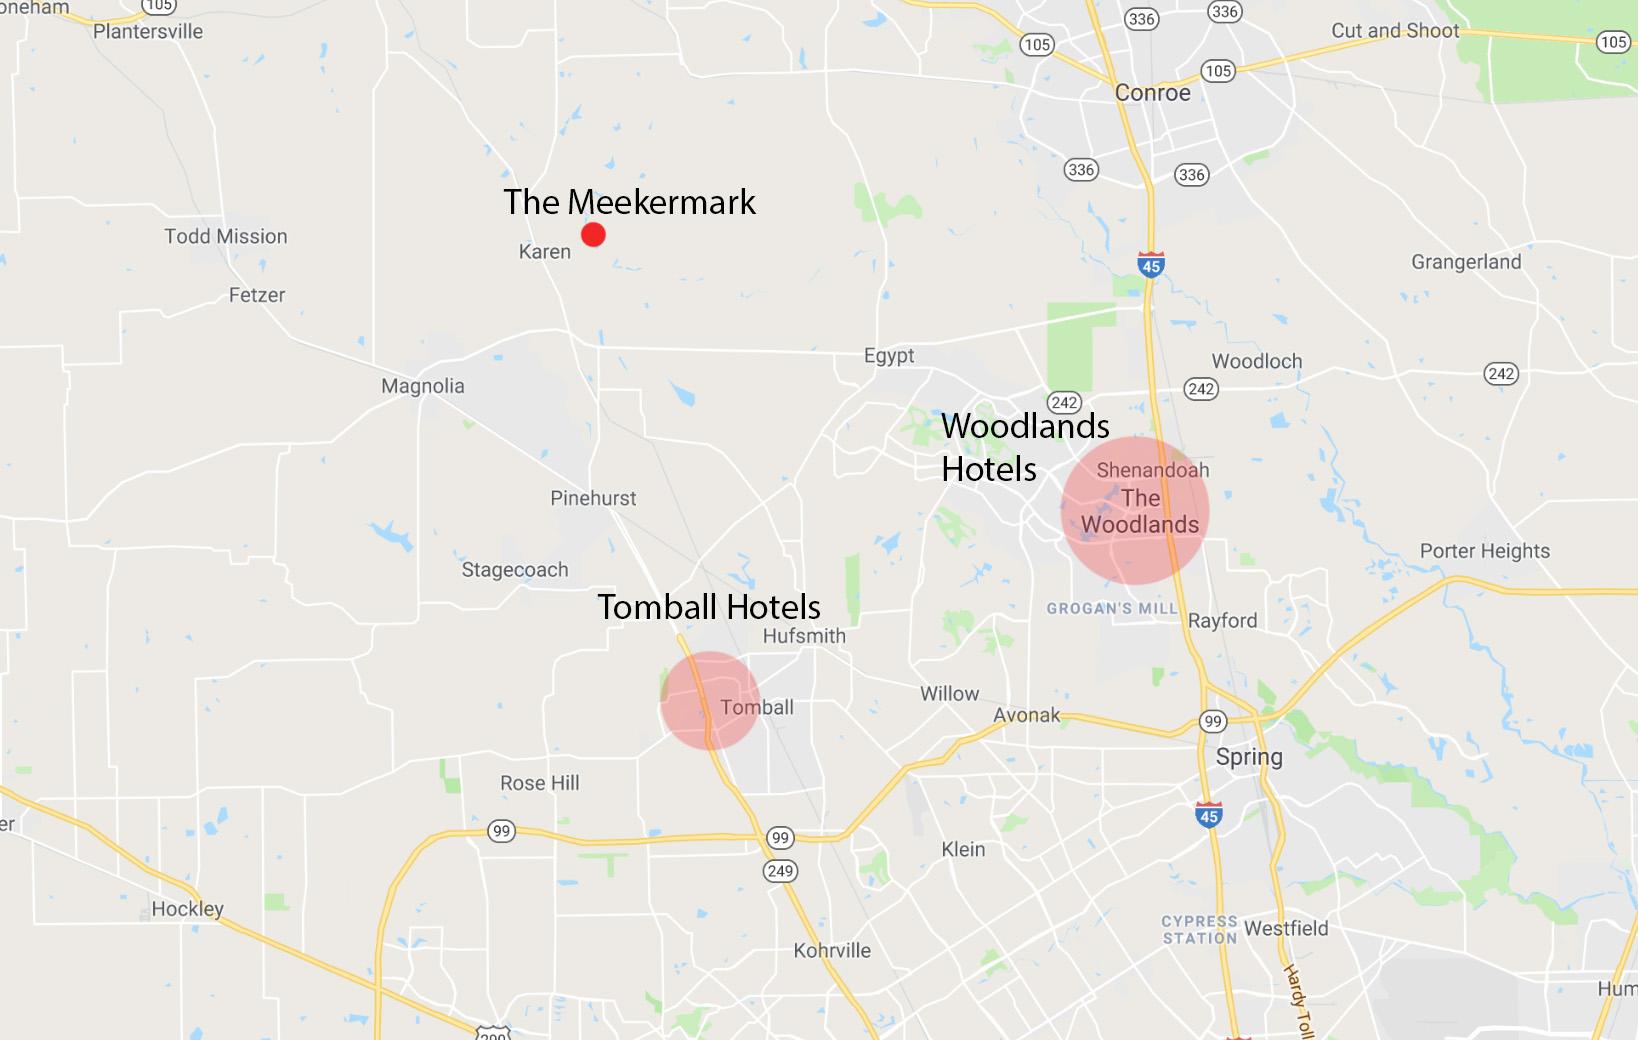 Meekermark Hotels Map.jpg